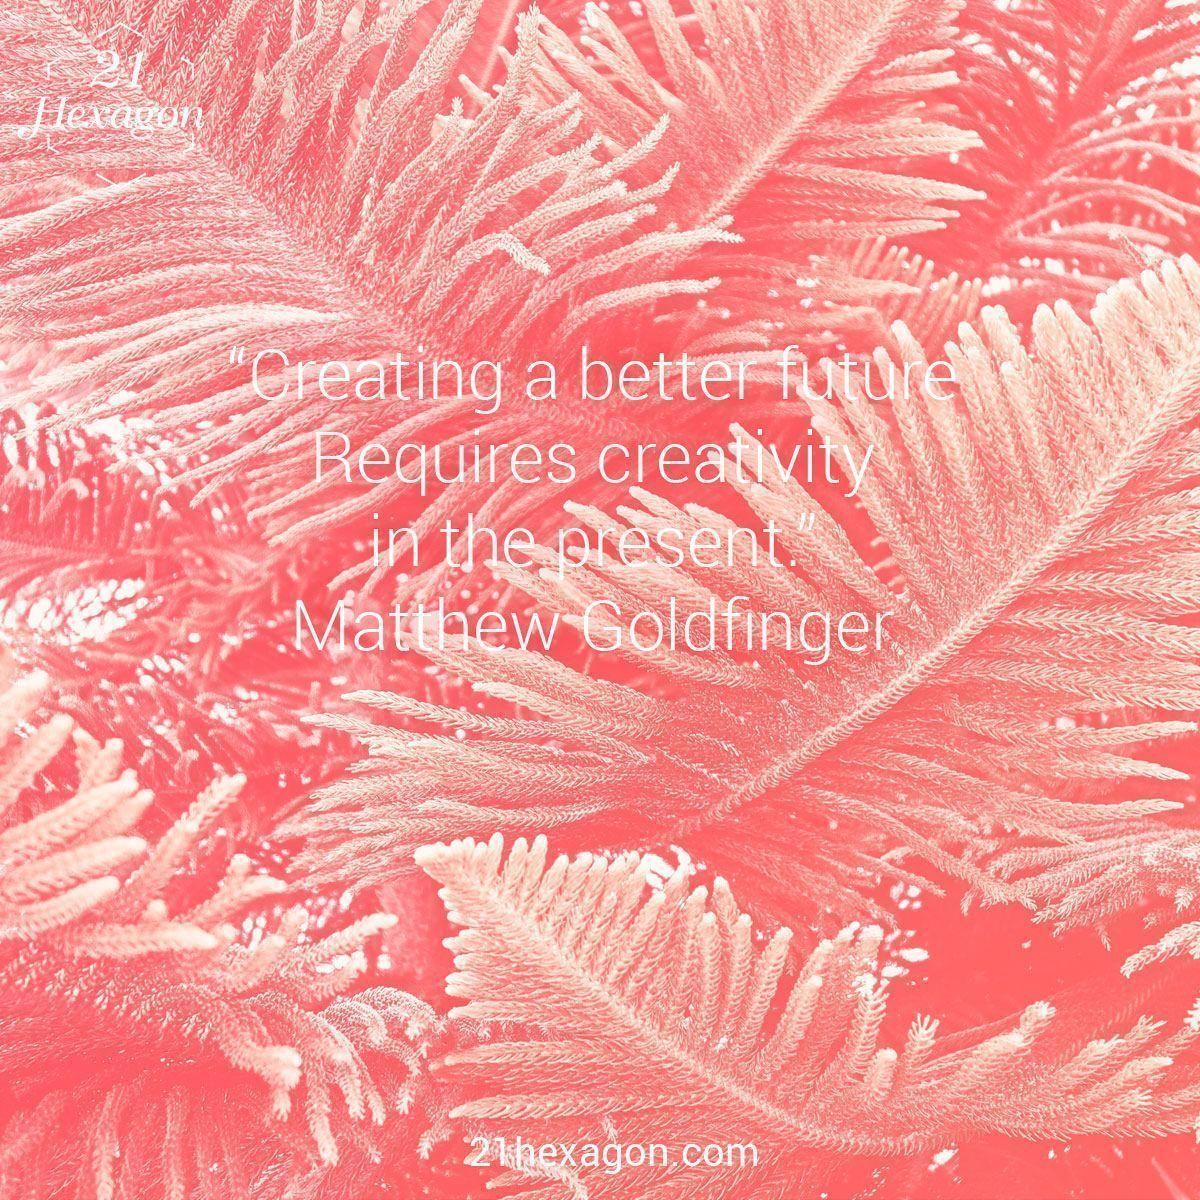 quotes_21hexagon_46.jpg